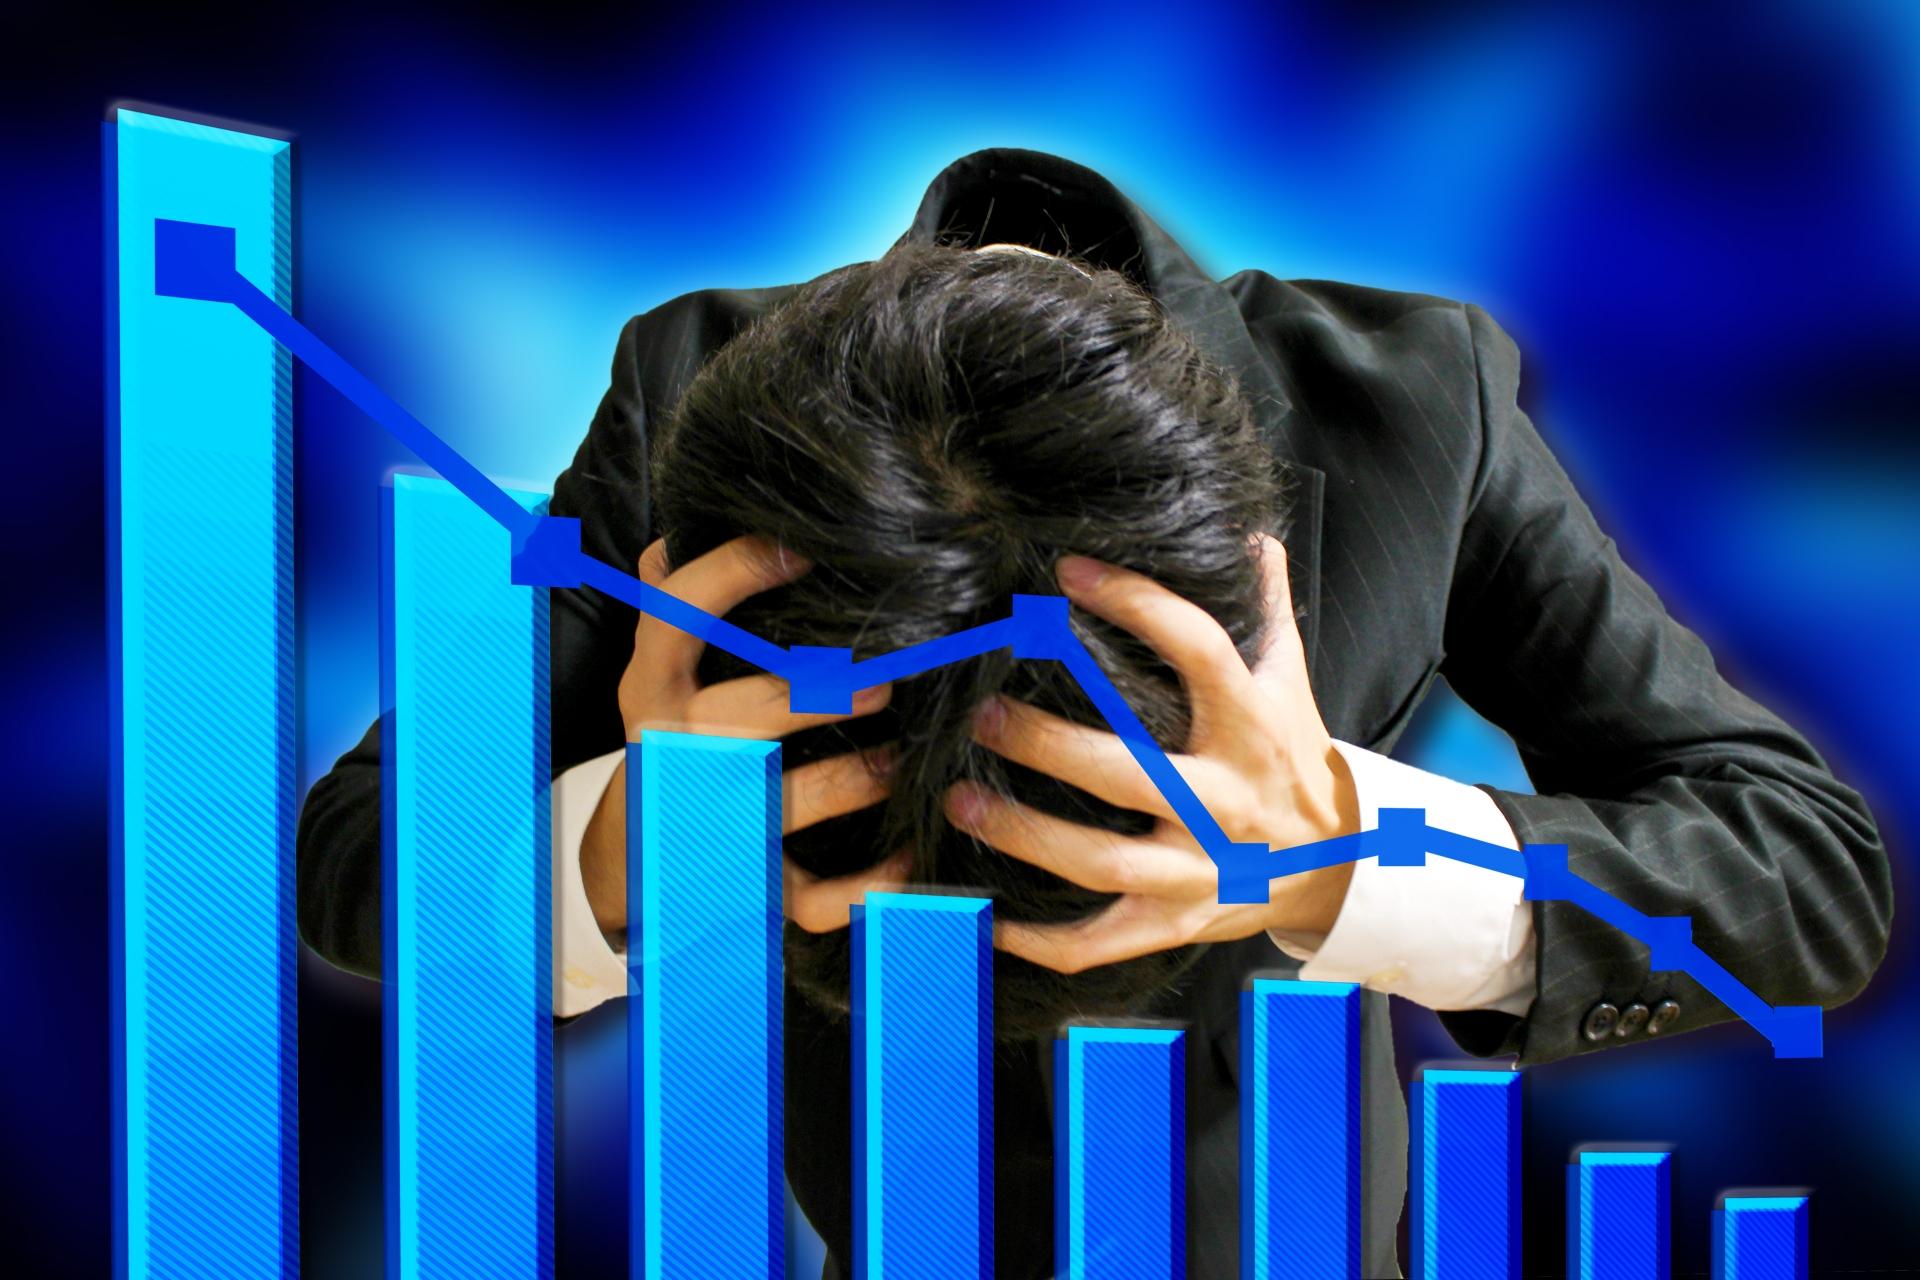 FXで損切り貧乏になってしまう5つの原因と5つの対策法。